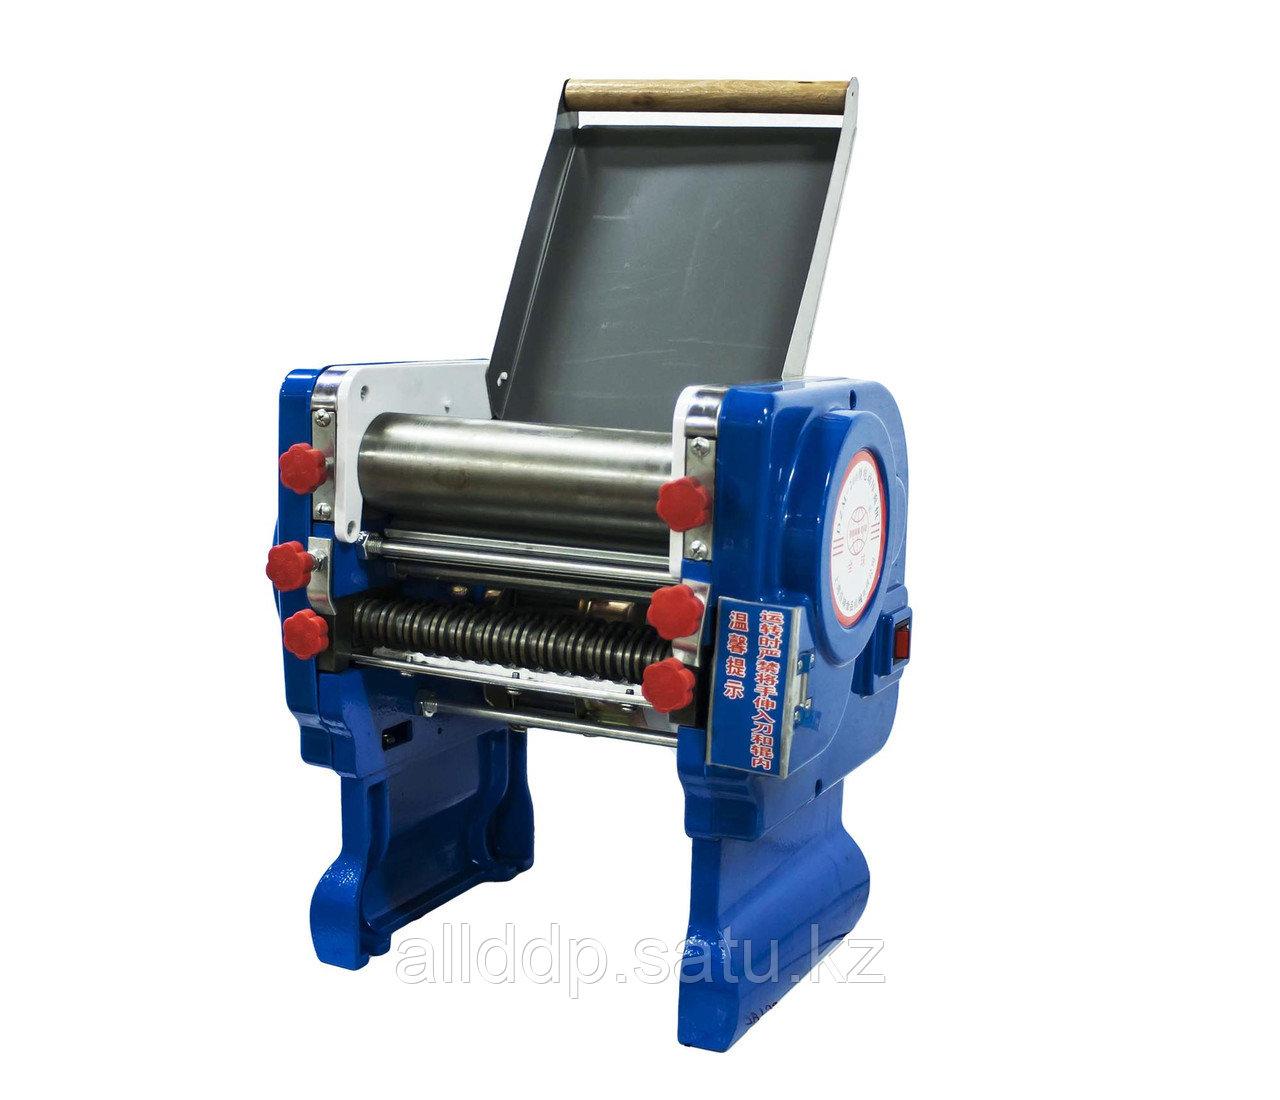 Аппарат для раскатки теста и нарезки лапши  HQL-3-YM460, 36*30*38 см